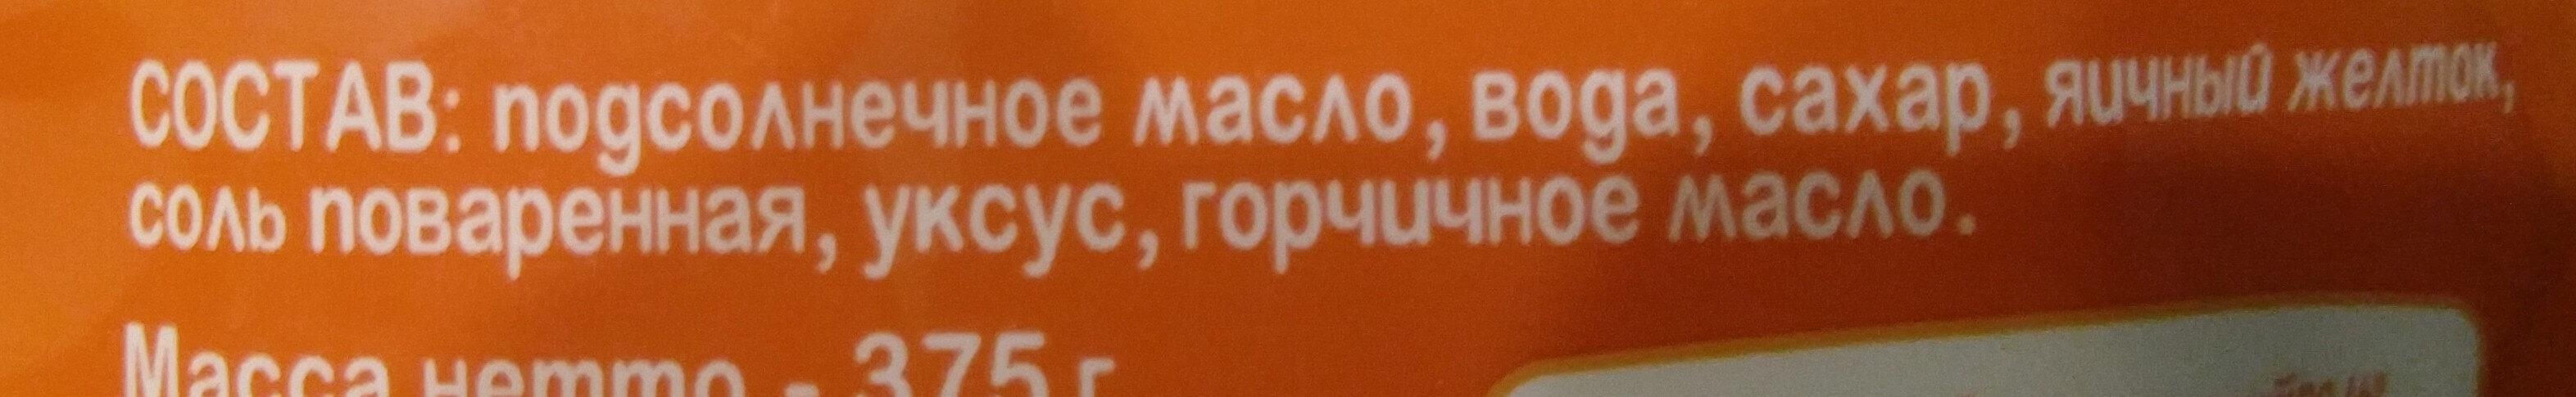 Майонез провансаль с массовой долей жира 67% - Ингредиенты - ru